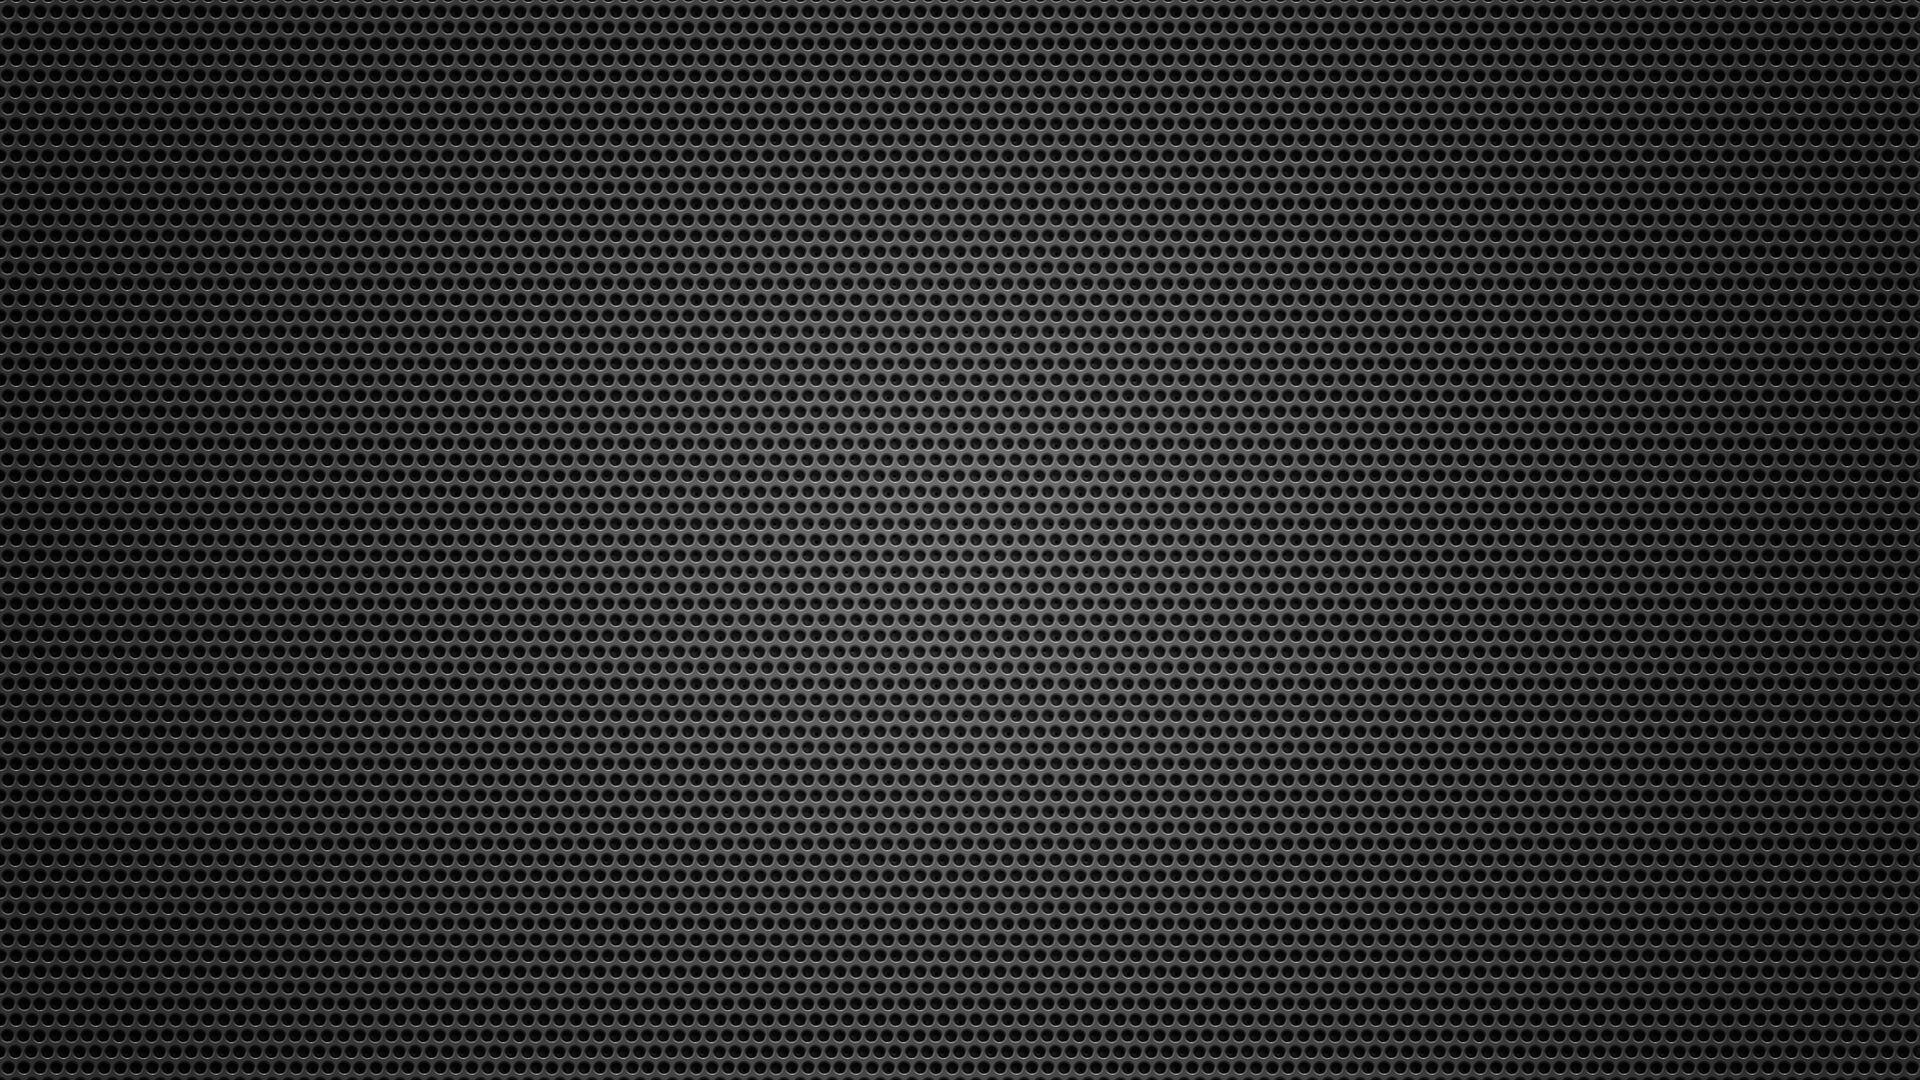 Fond D 233 Cran Monochrome Abstrait Mod 232 Le M 233 Tal